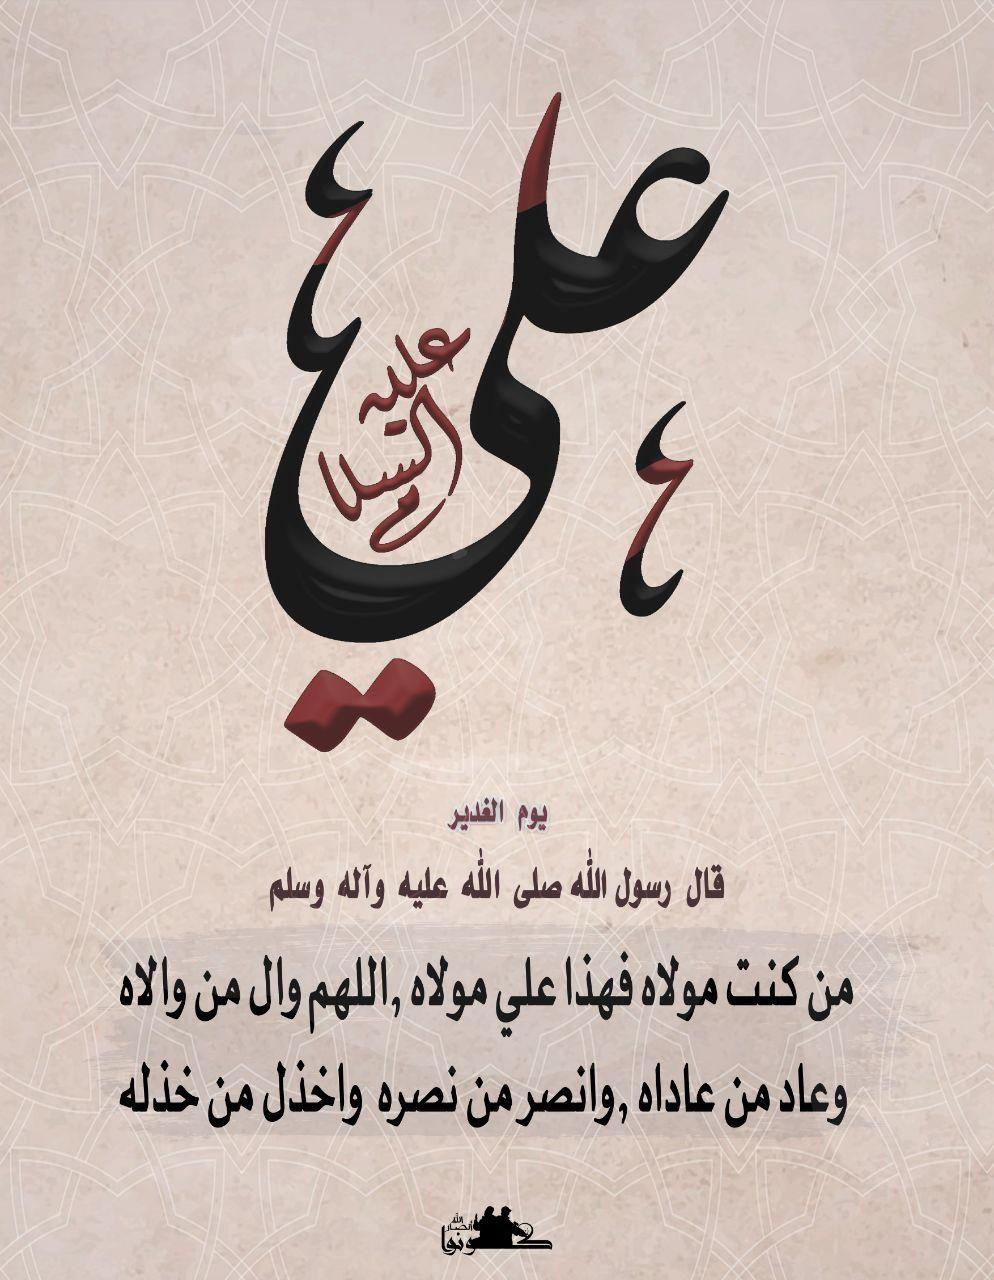 الولاية تاج العزة والكرامة والانتصار توجت بها الامة Arabic Calligraphy Yemen